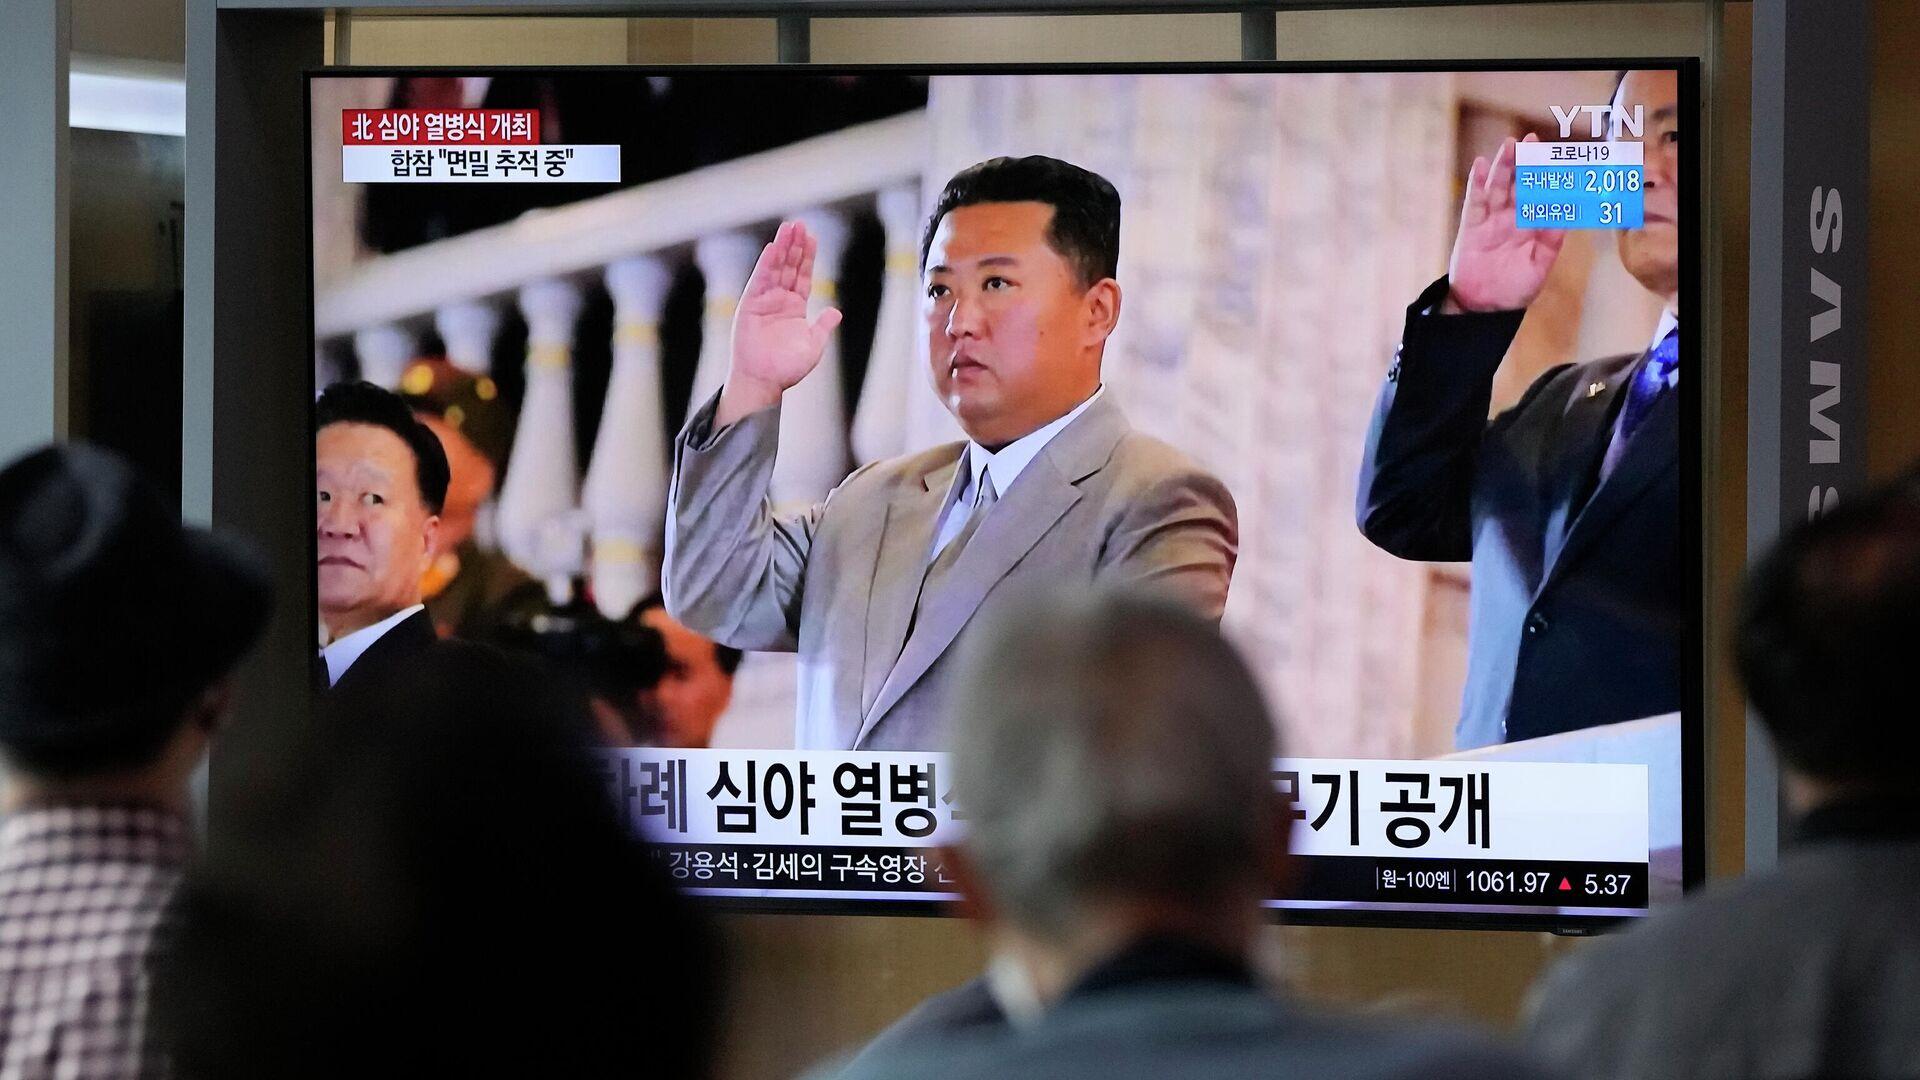 Der nordkoreanische Staatschef Kim Jong-un bei einer Militärparade in Pyongyang  - SNA, 1920, 29.09.2021